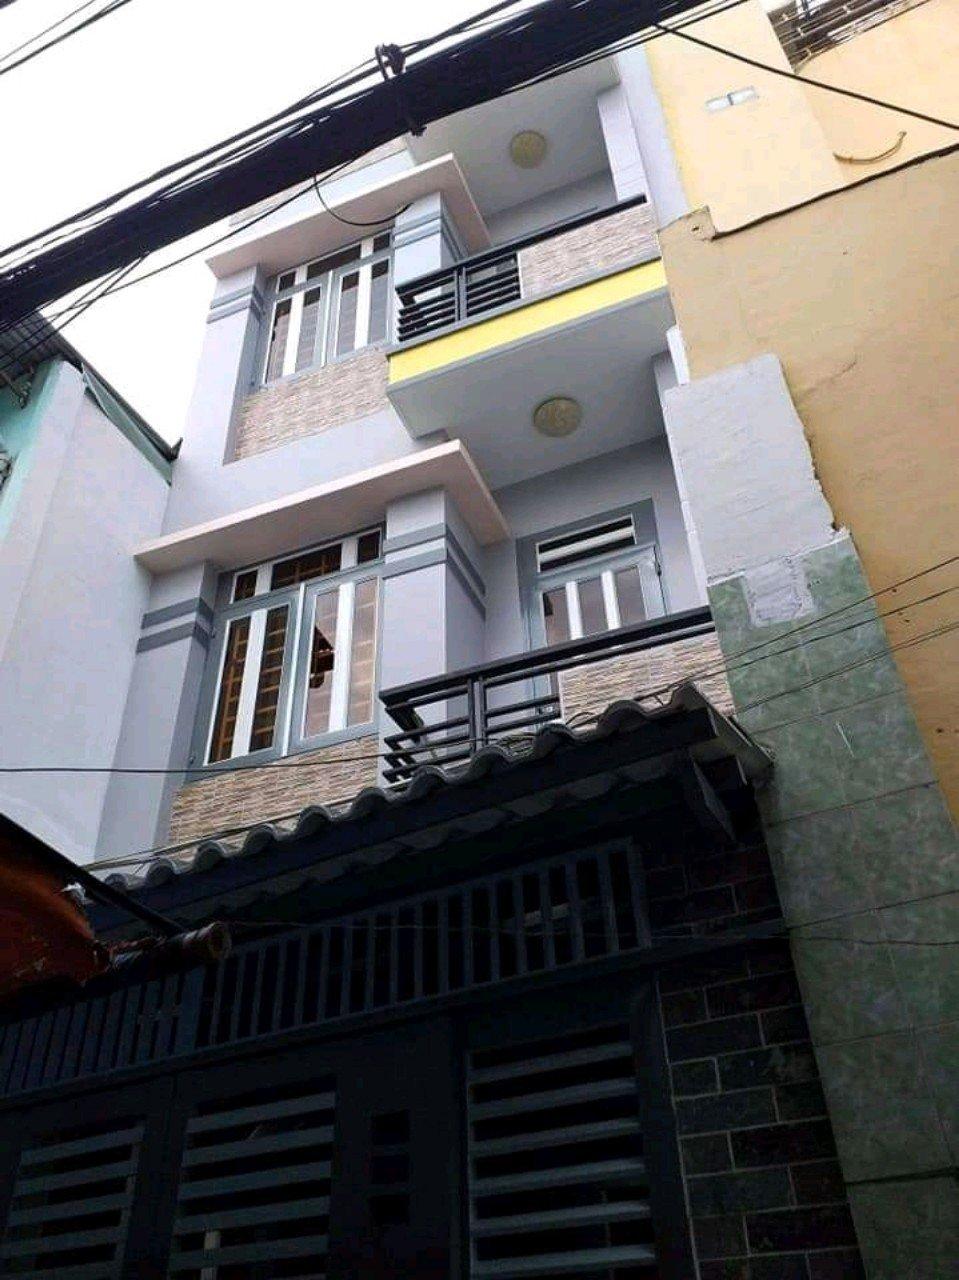 Bán nhà hẻm Tùng Thiện Vương Quận 8. DT 3,6x11m trệt 2 lầu sân thượng